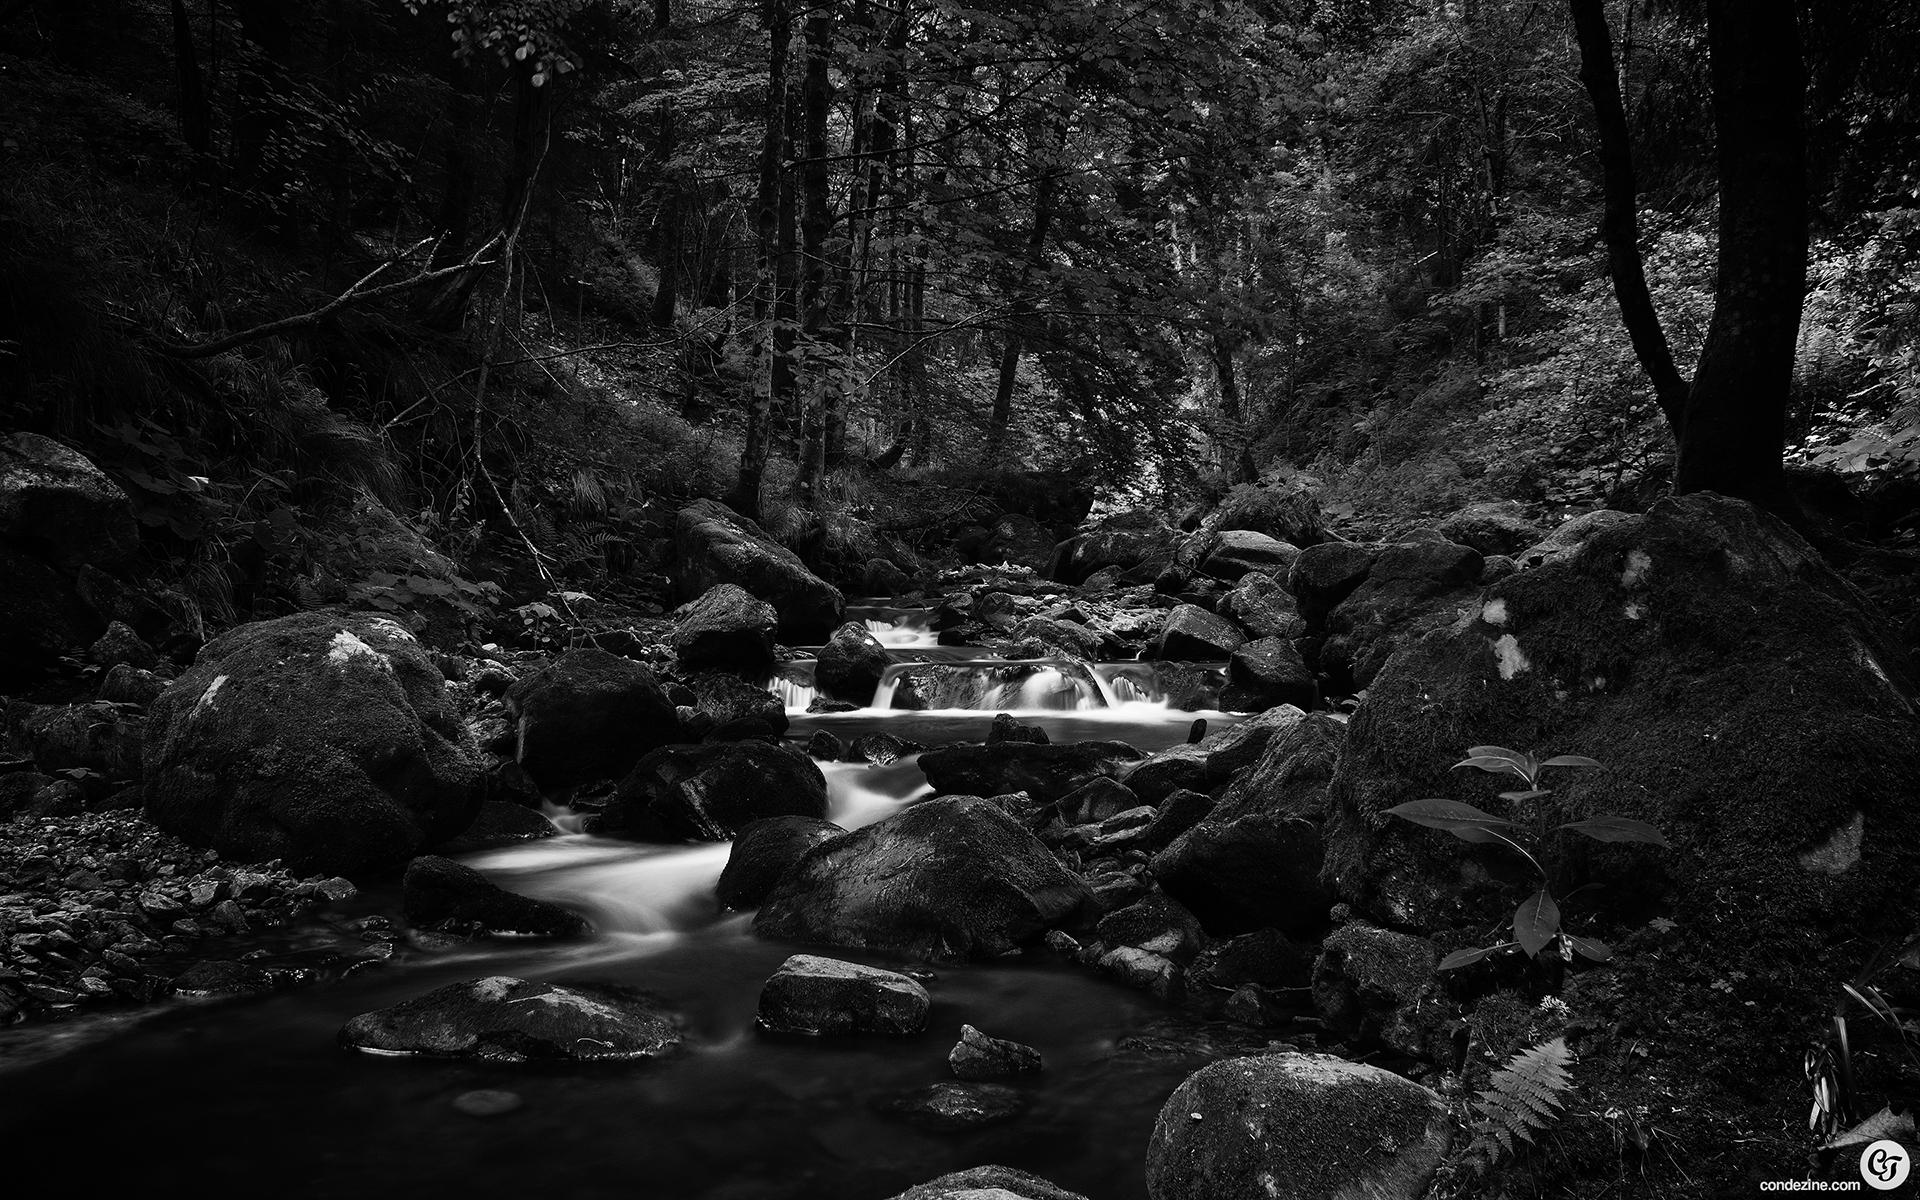 http://www.behance.net/gallery/Black-Forest-Greyscale ...